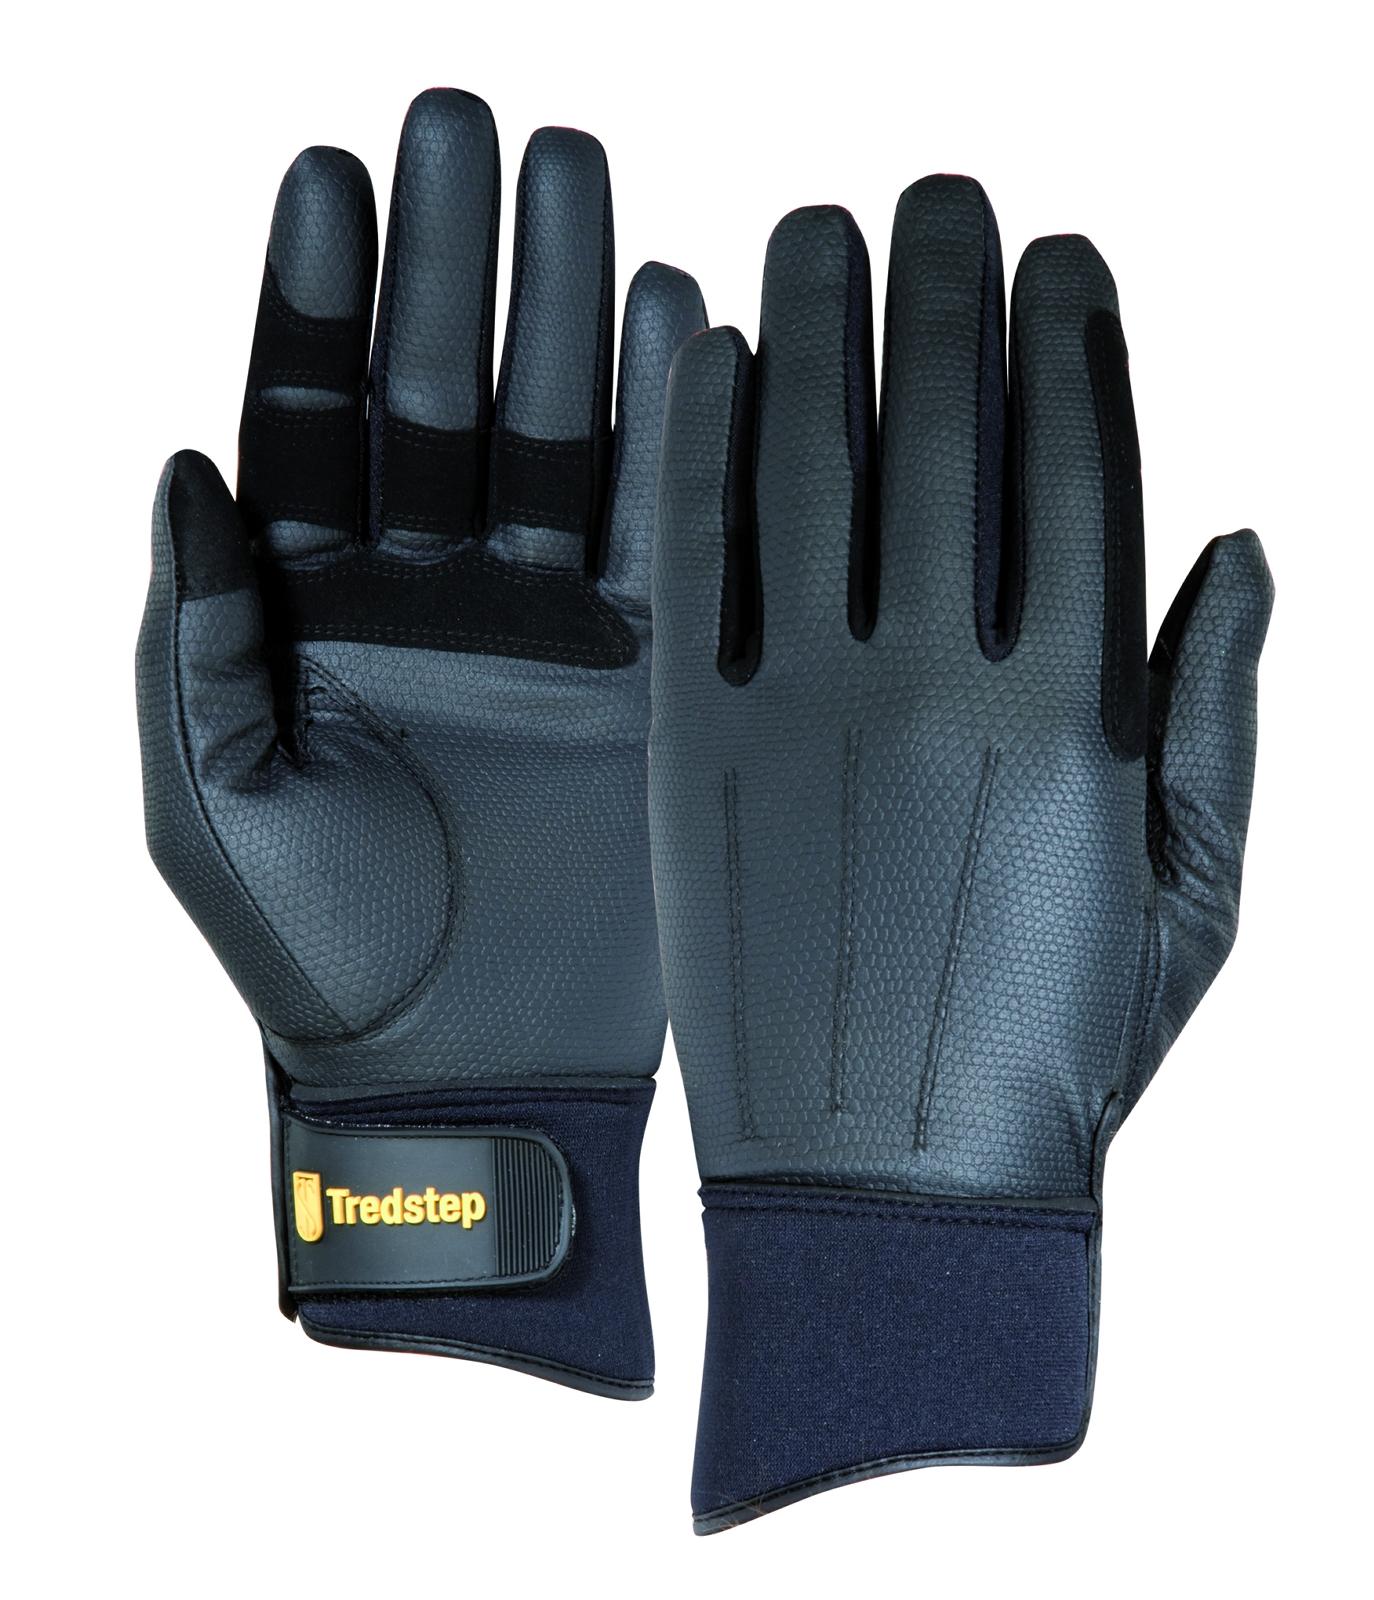 Tredstep Ireland Winter Silk Gloves